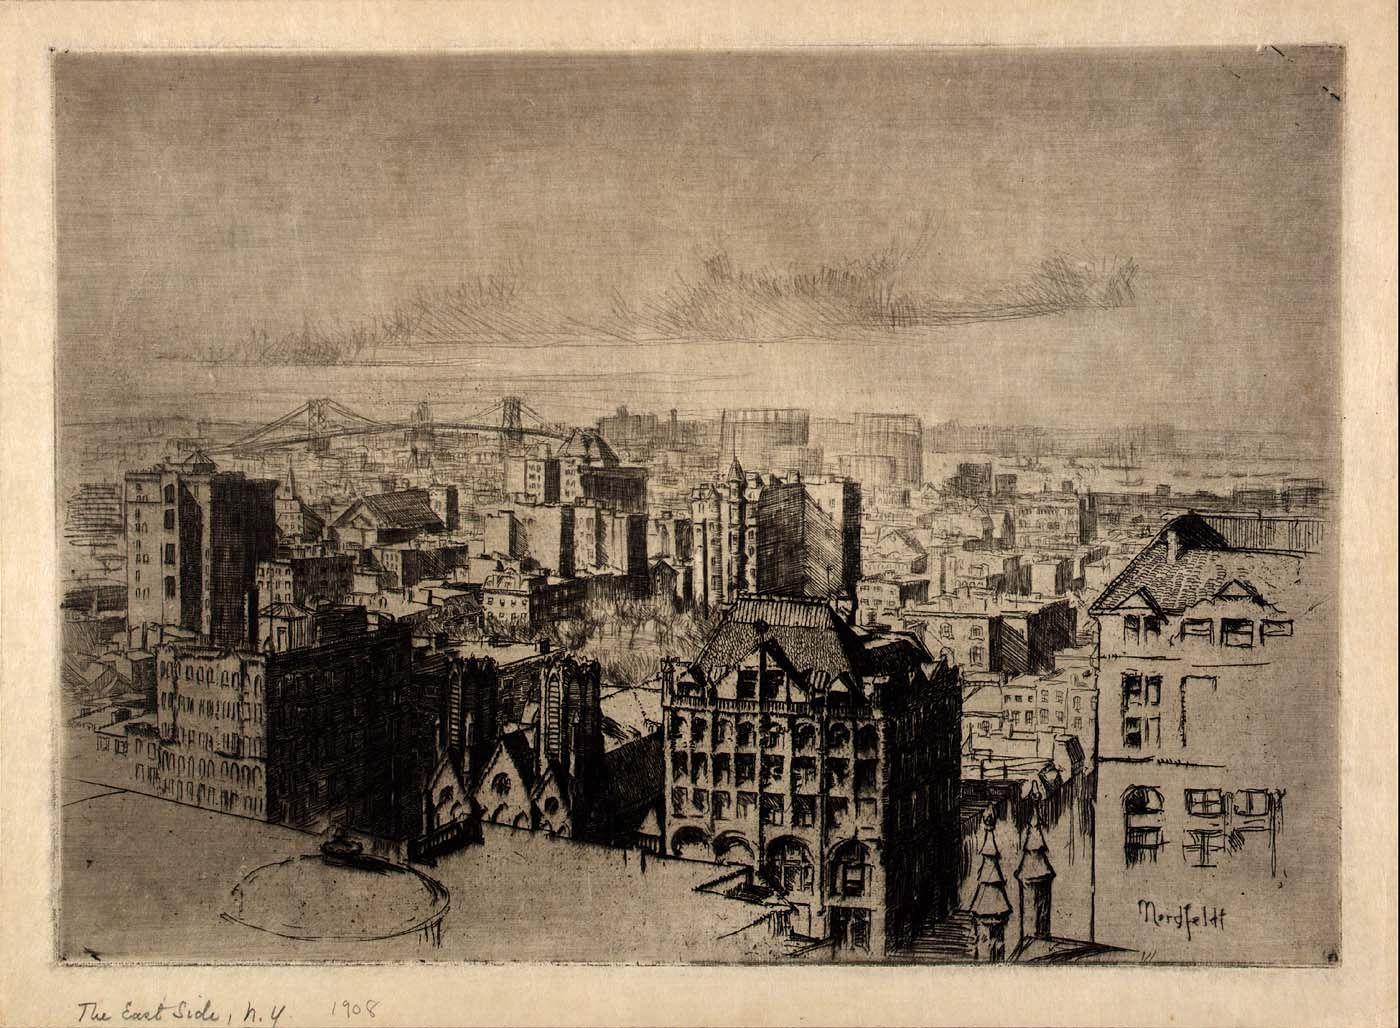 The East Side, 1908, B. J. O. Nordfeldt - Smithsonian American Art Museum